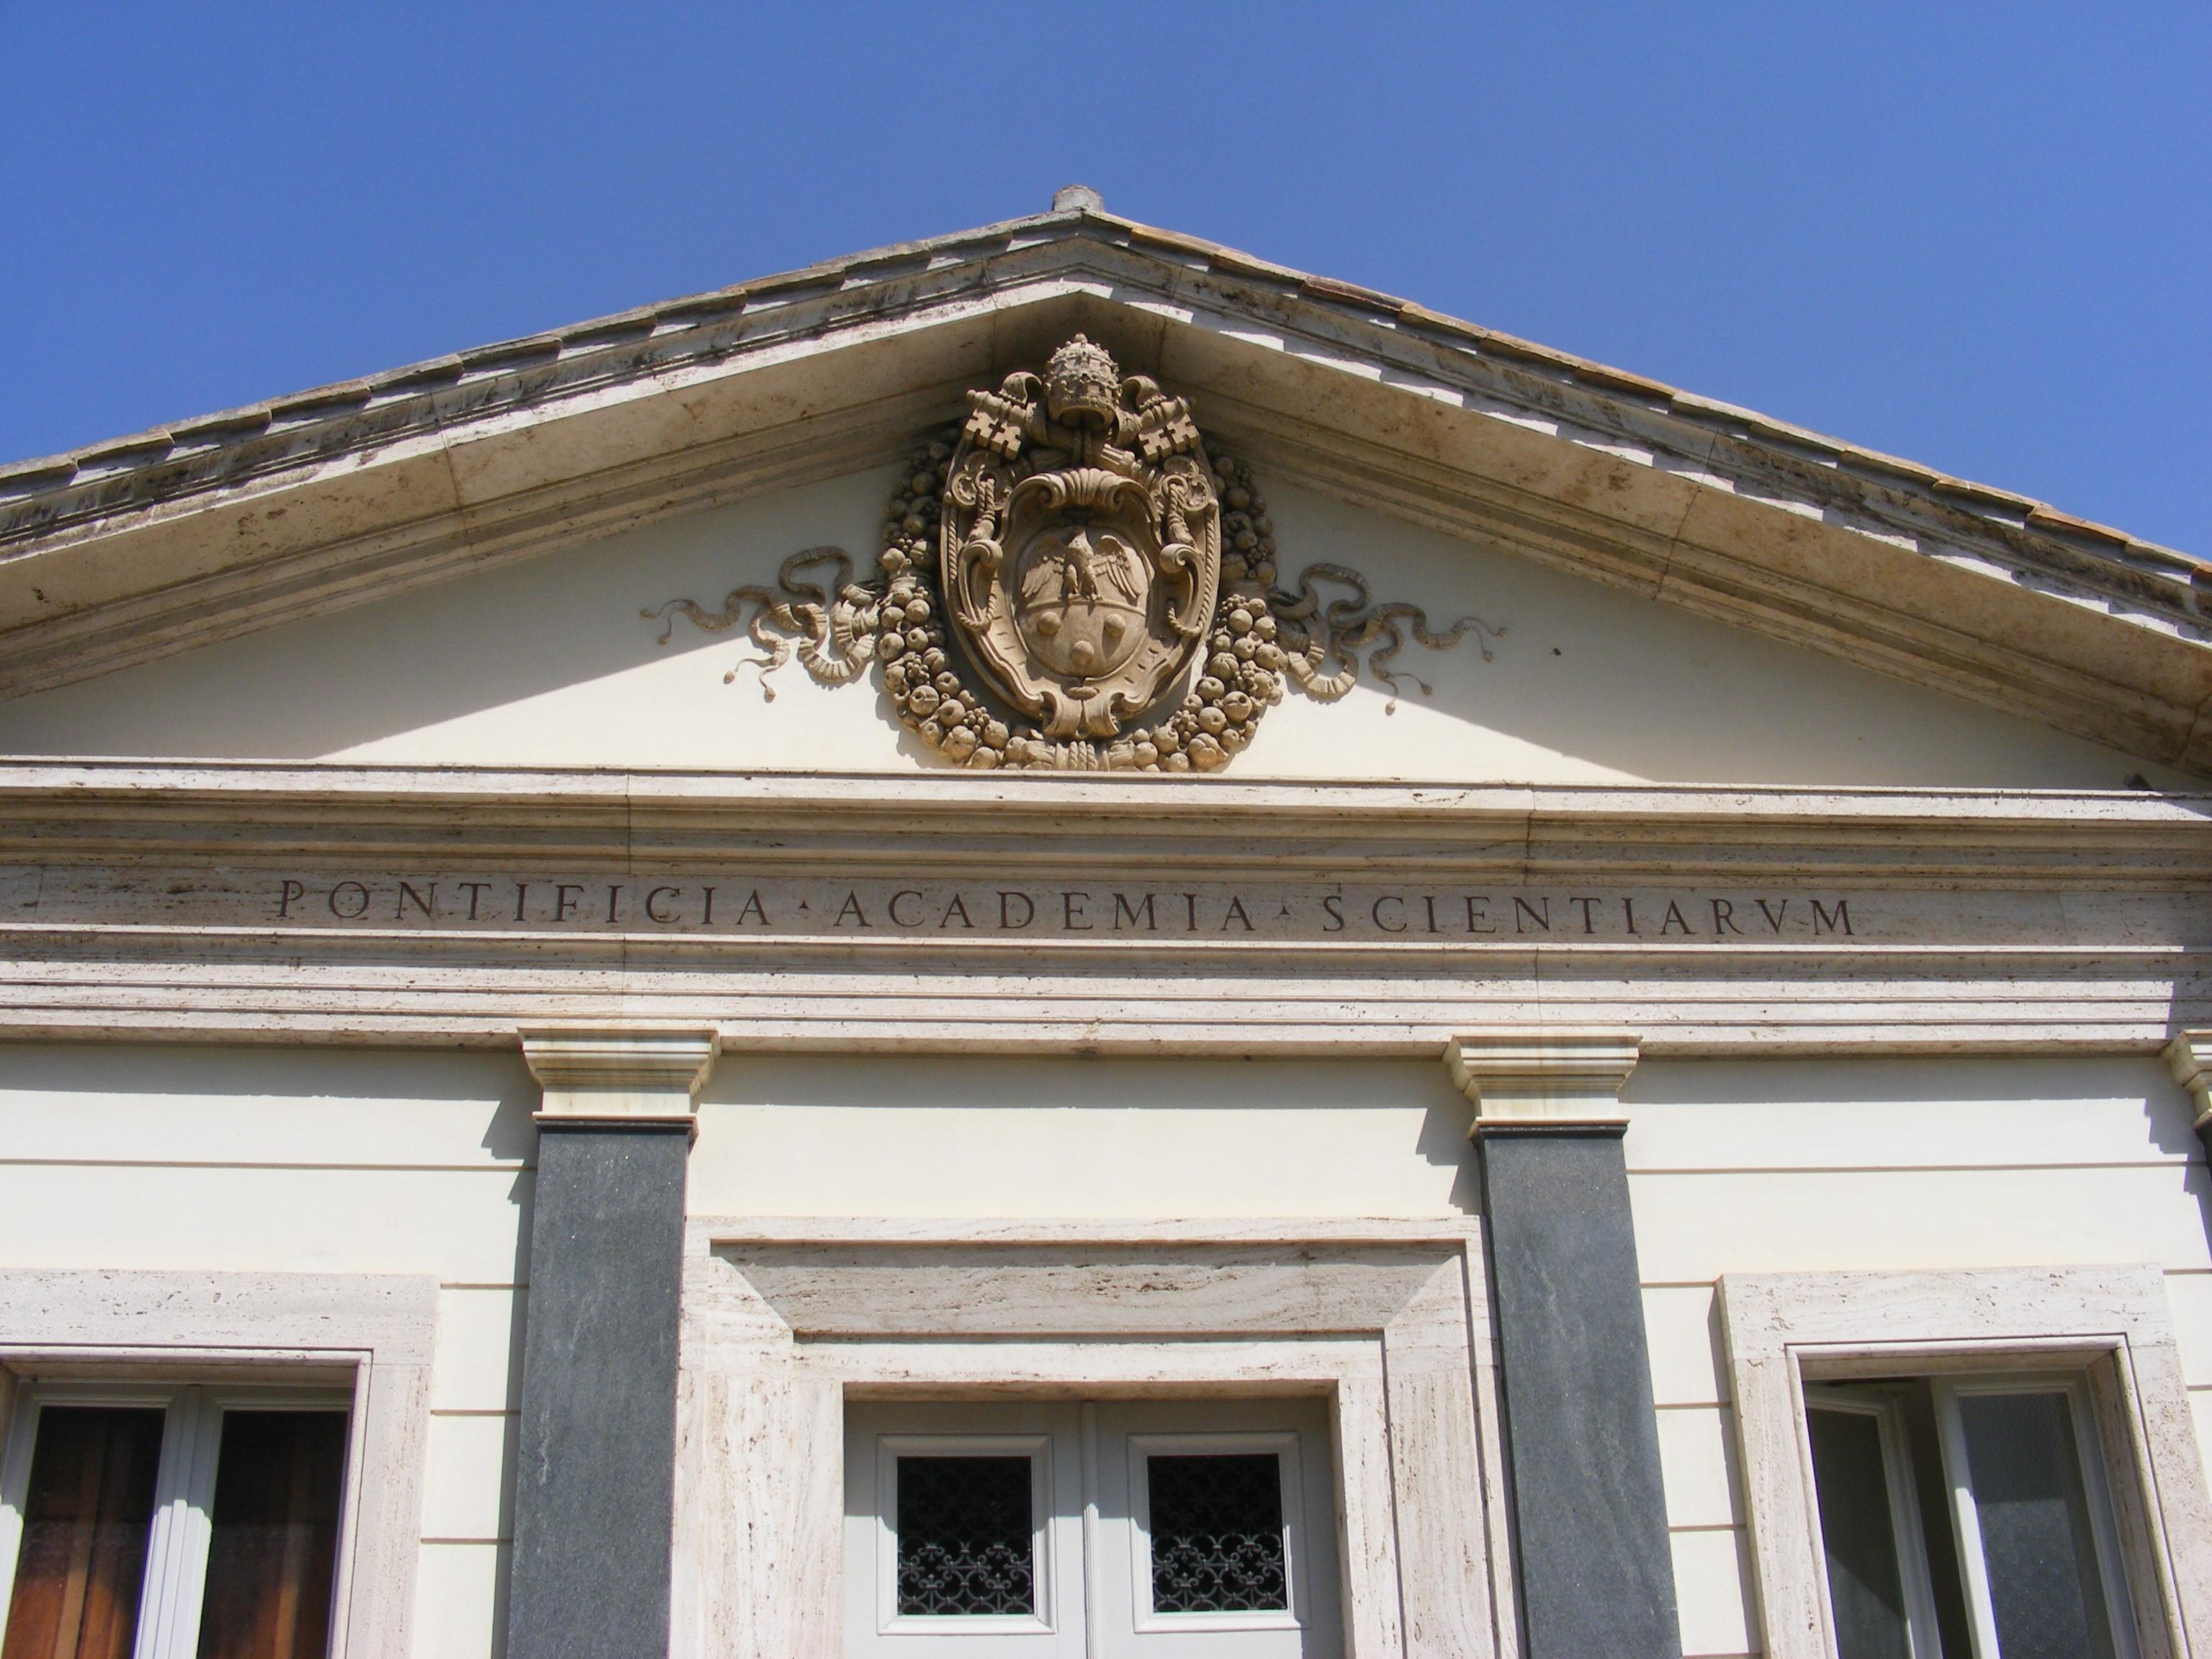 Académie pontificale des sciences @ Wikimedia commons / Mattes